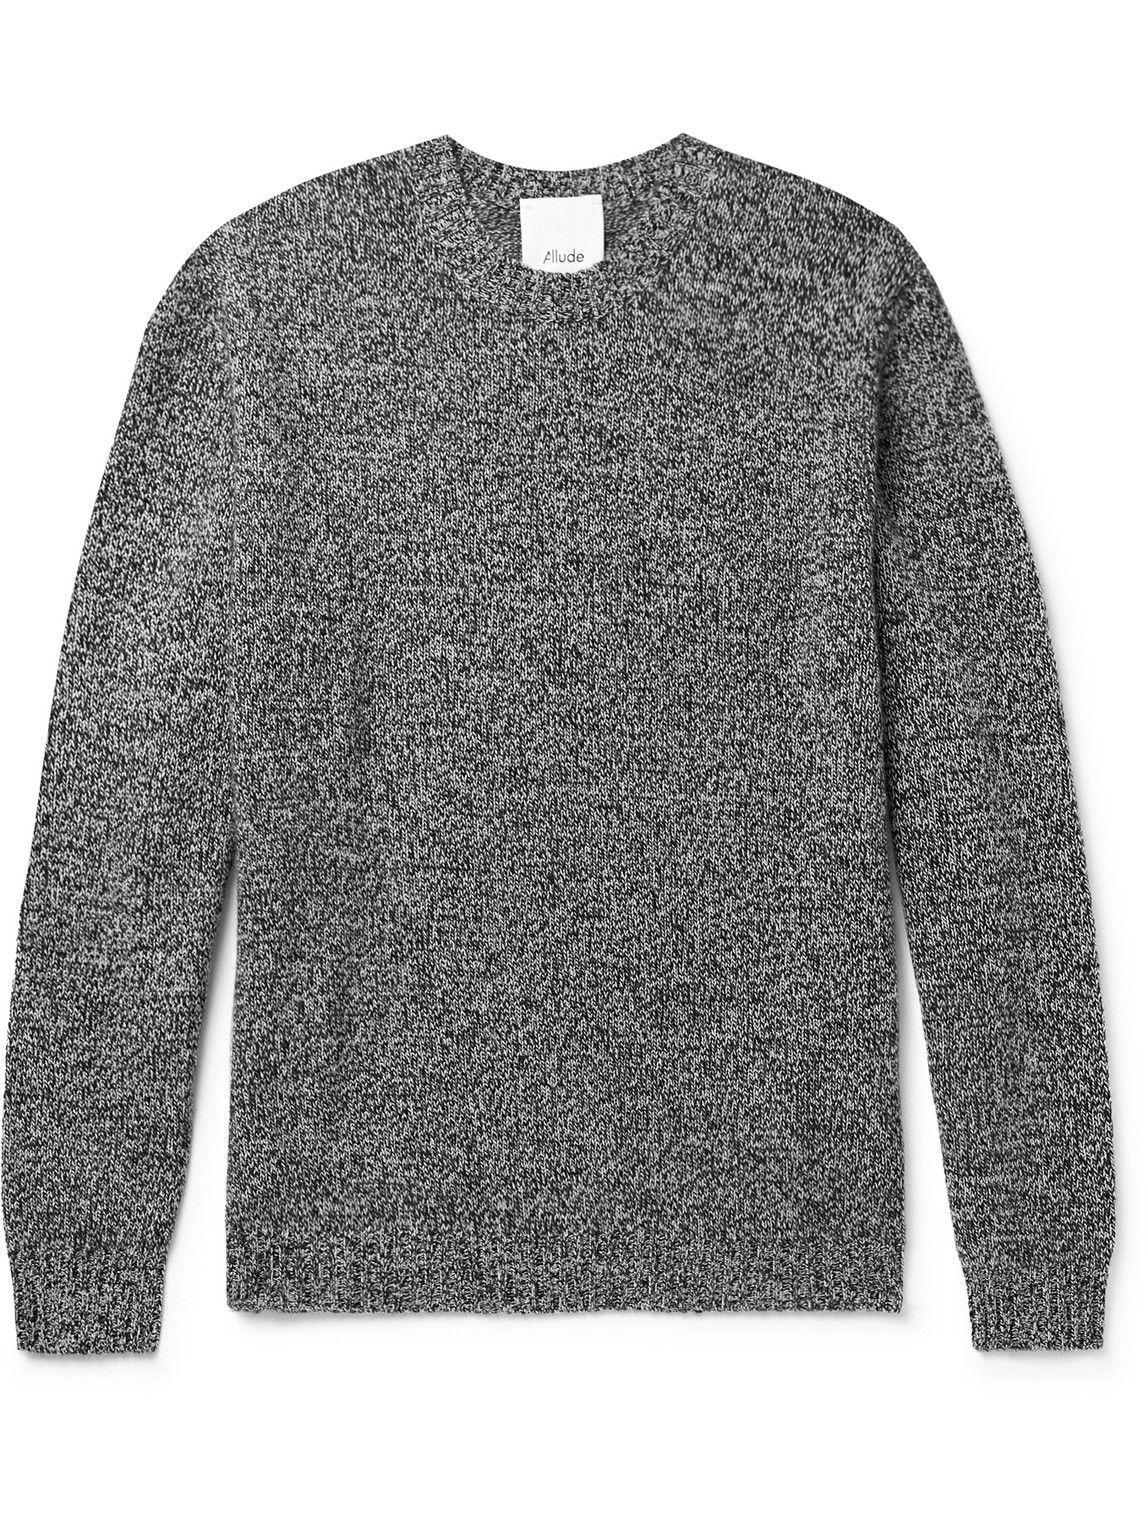 Photo: Allude - Cashmere Sweater - Black